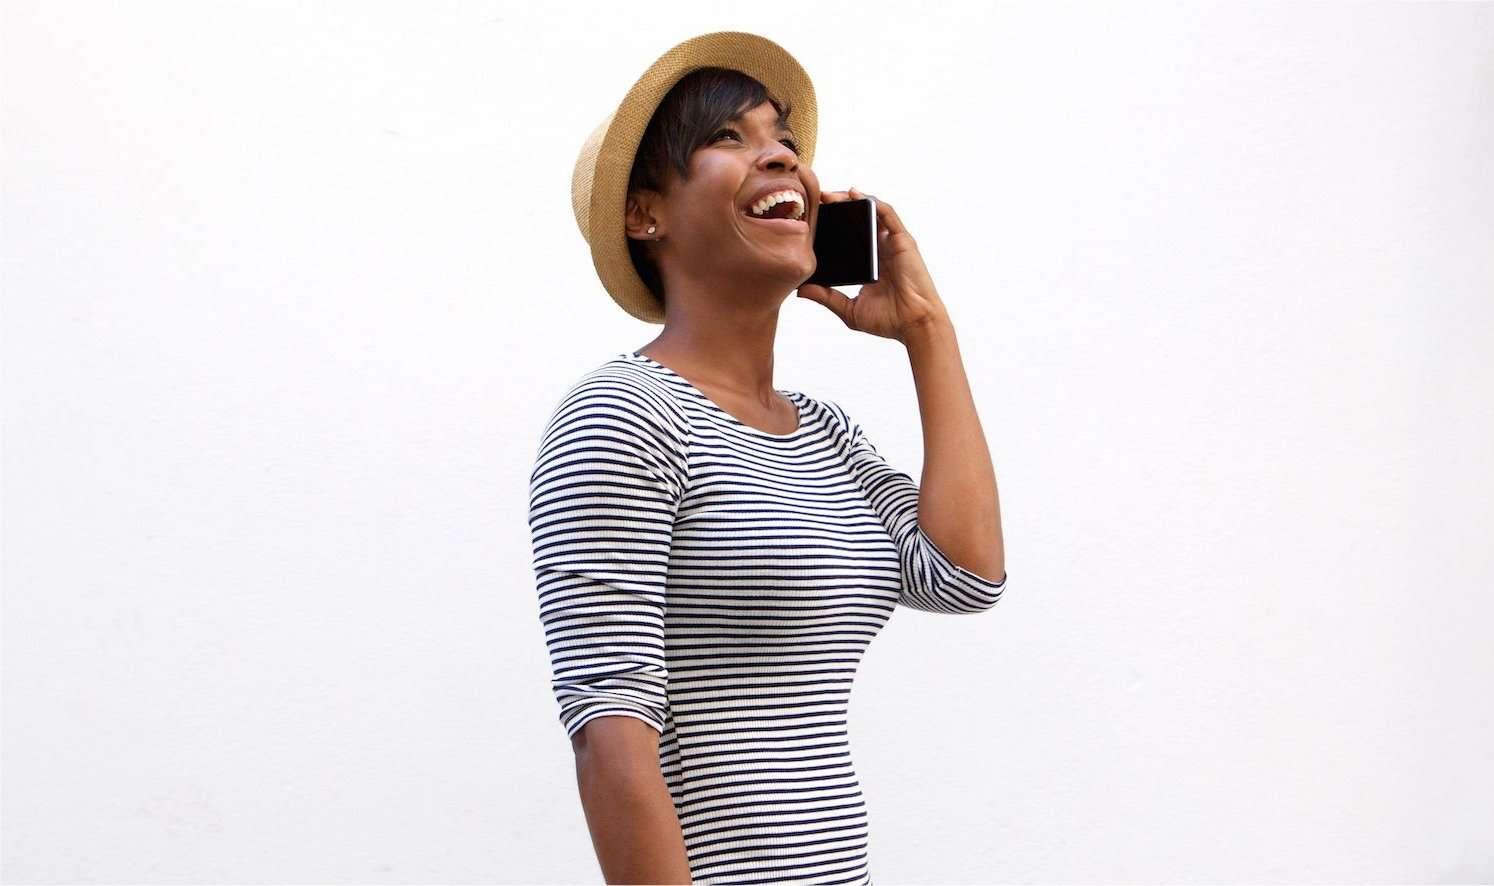 L'écoute de notre voix modifiée peut influencer nos émotions. © mimagephotography, shutterstock